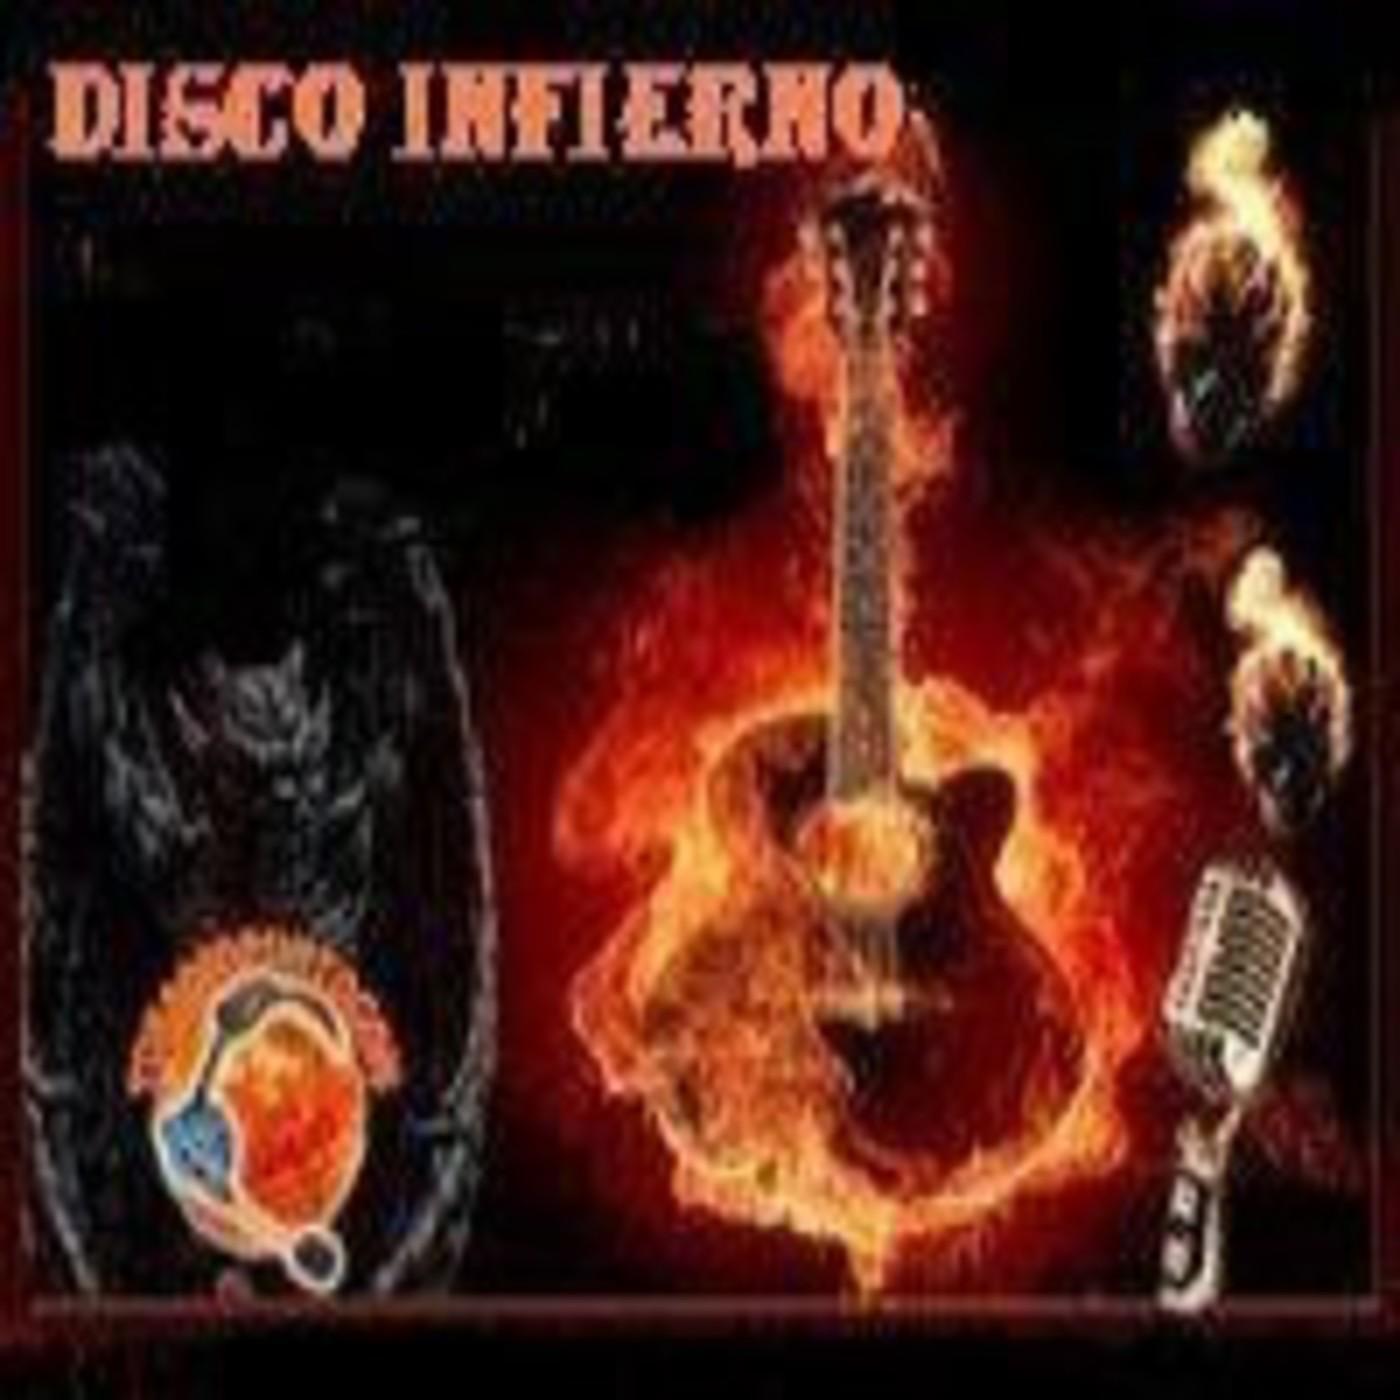 DISCO INFIERNO (Emision 10/04/2012) Rock & Roll en Estado Puro